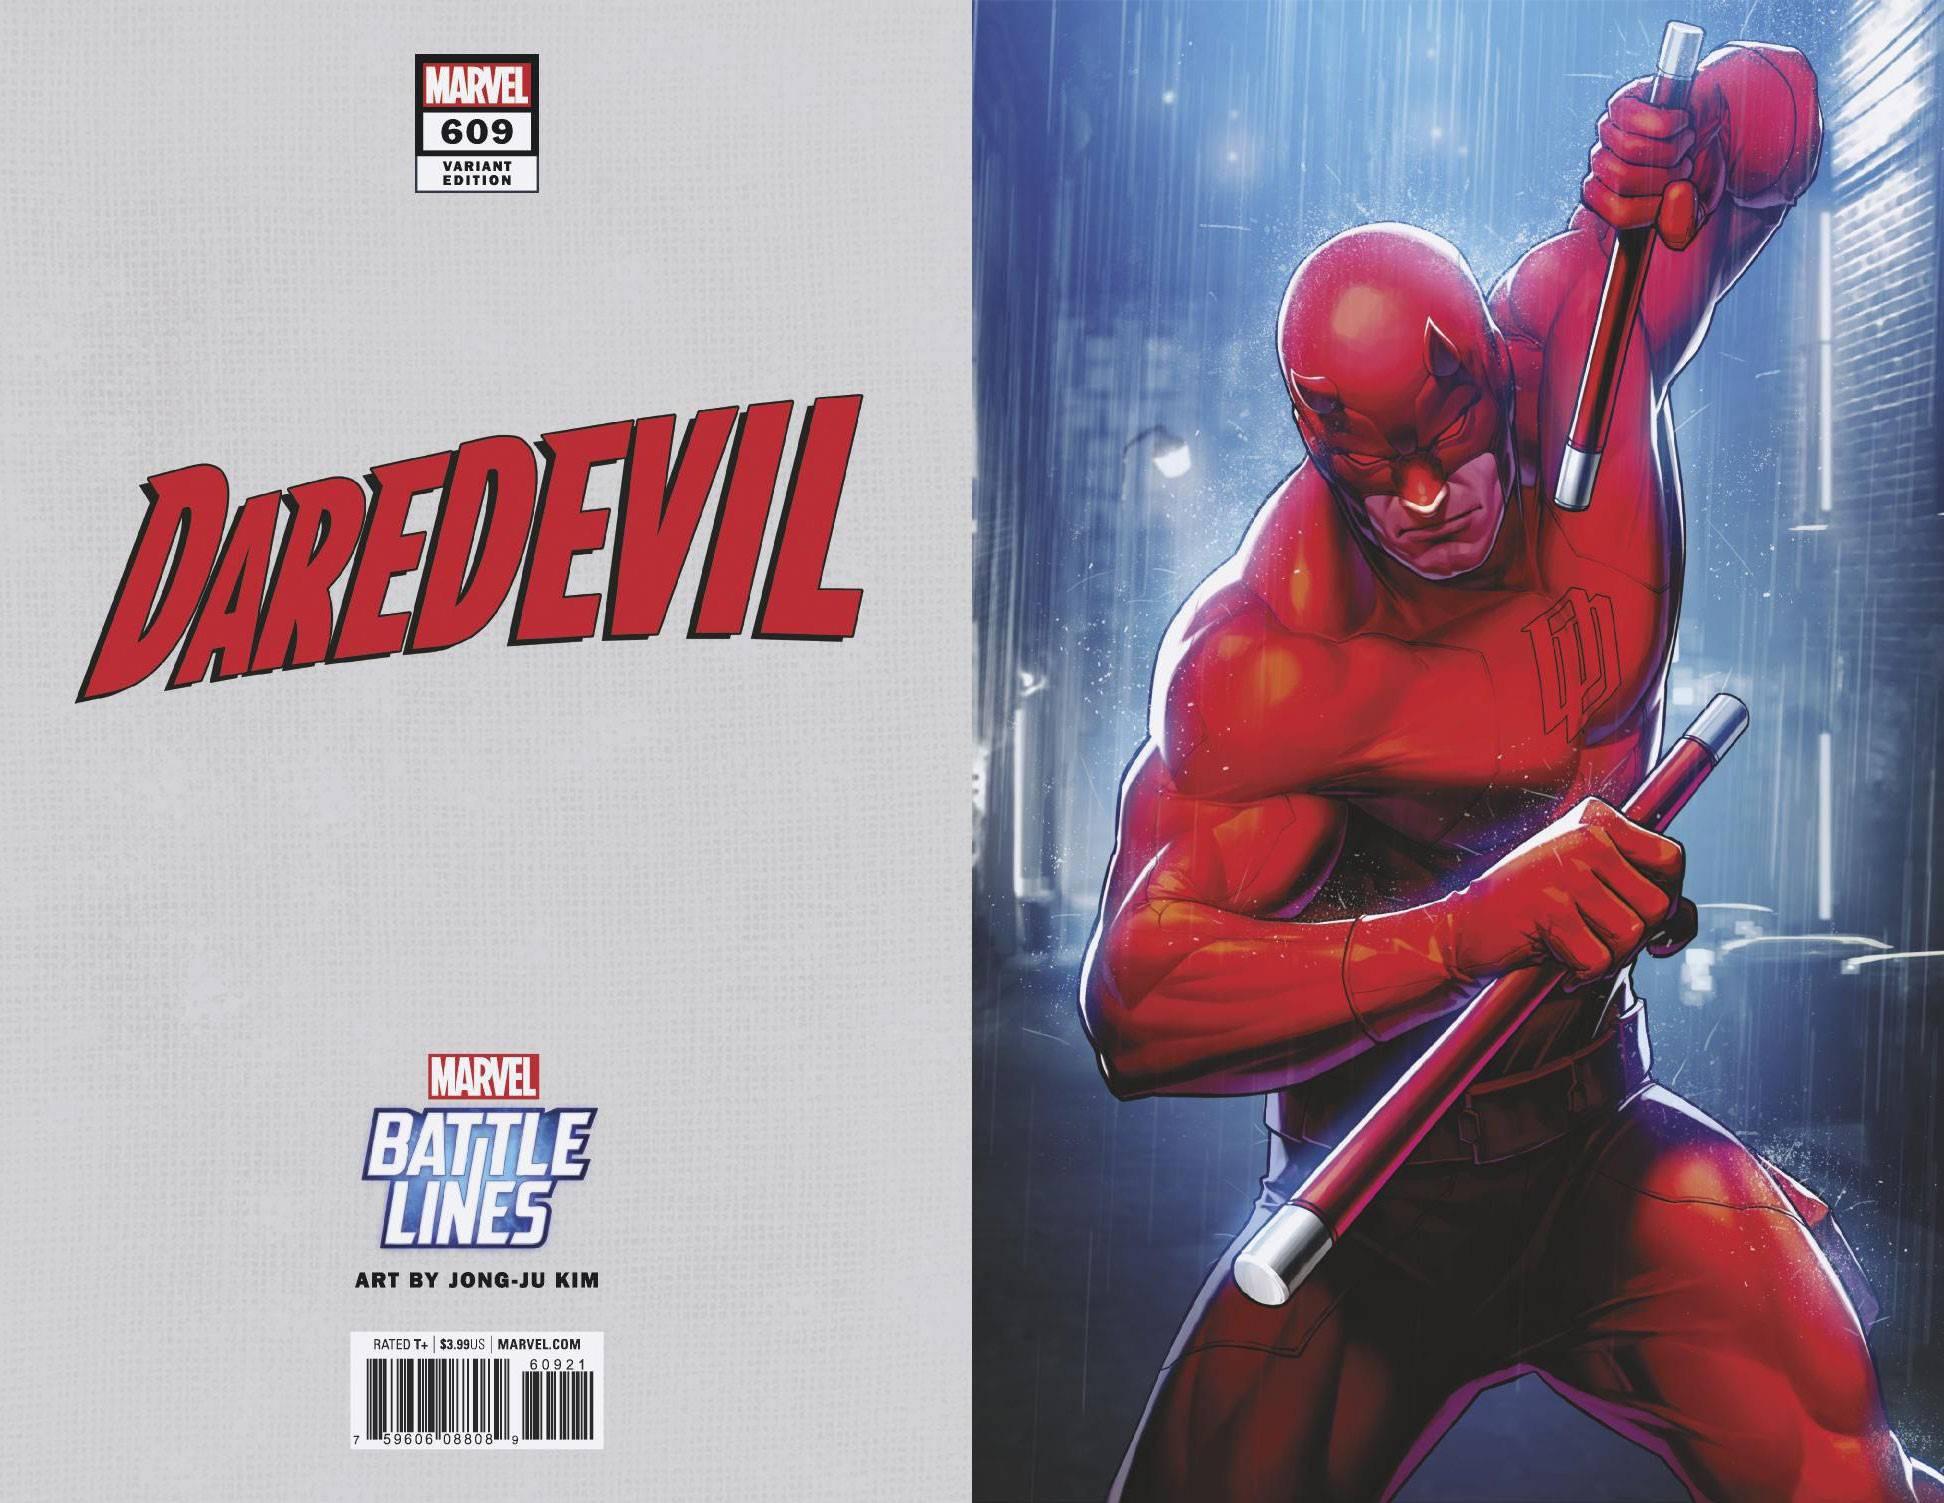 Marvel Daredevil #609 Comic Book